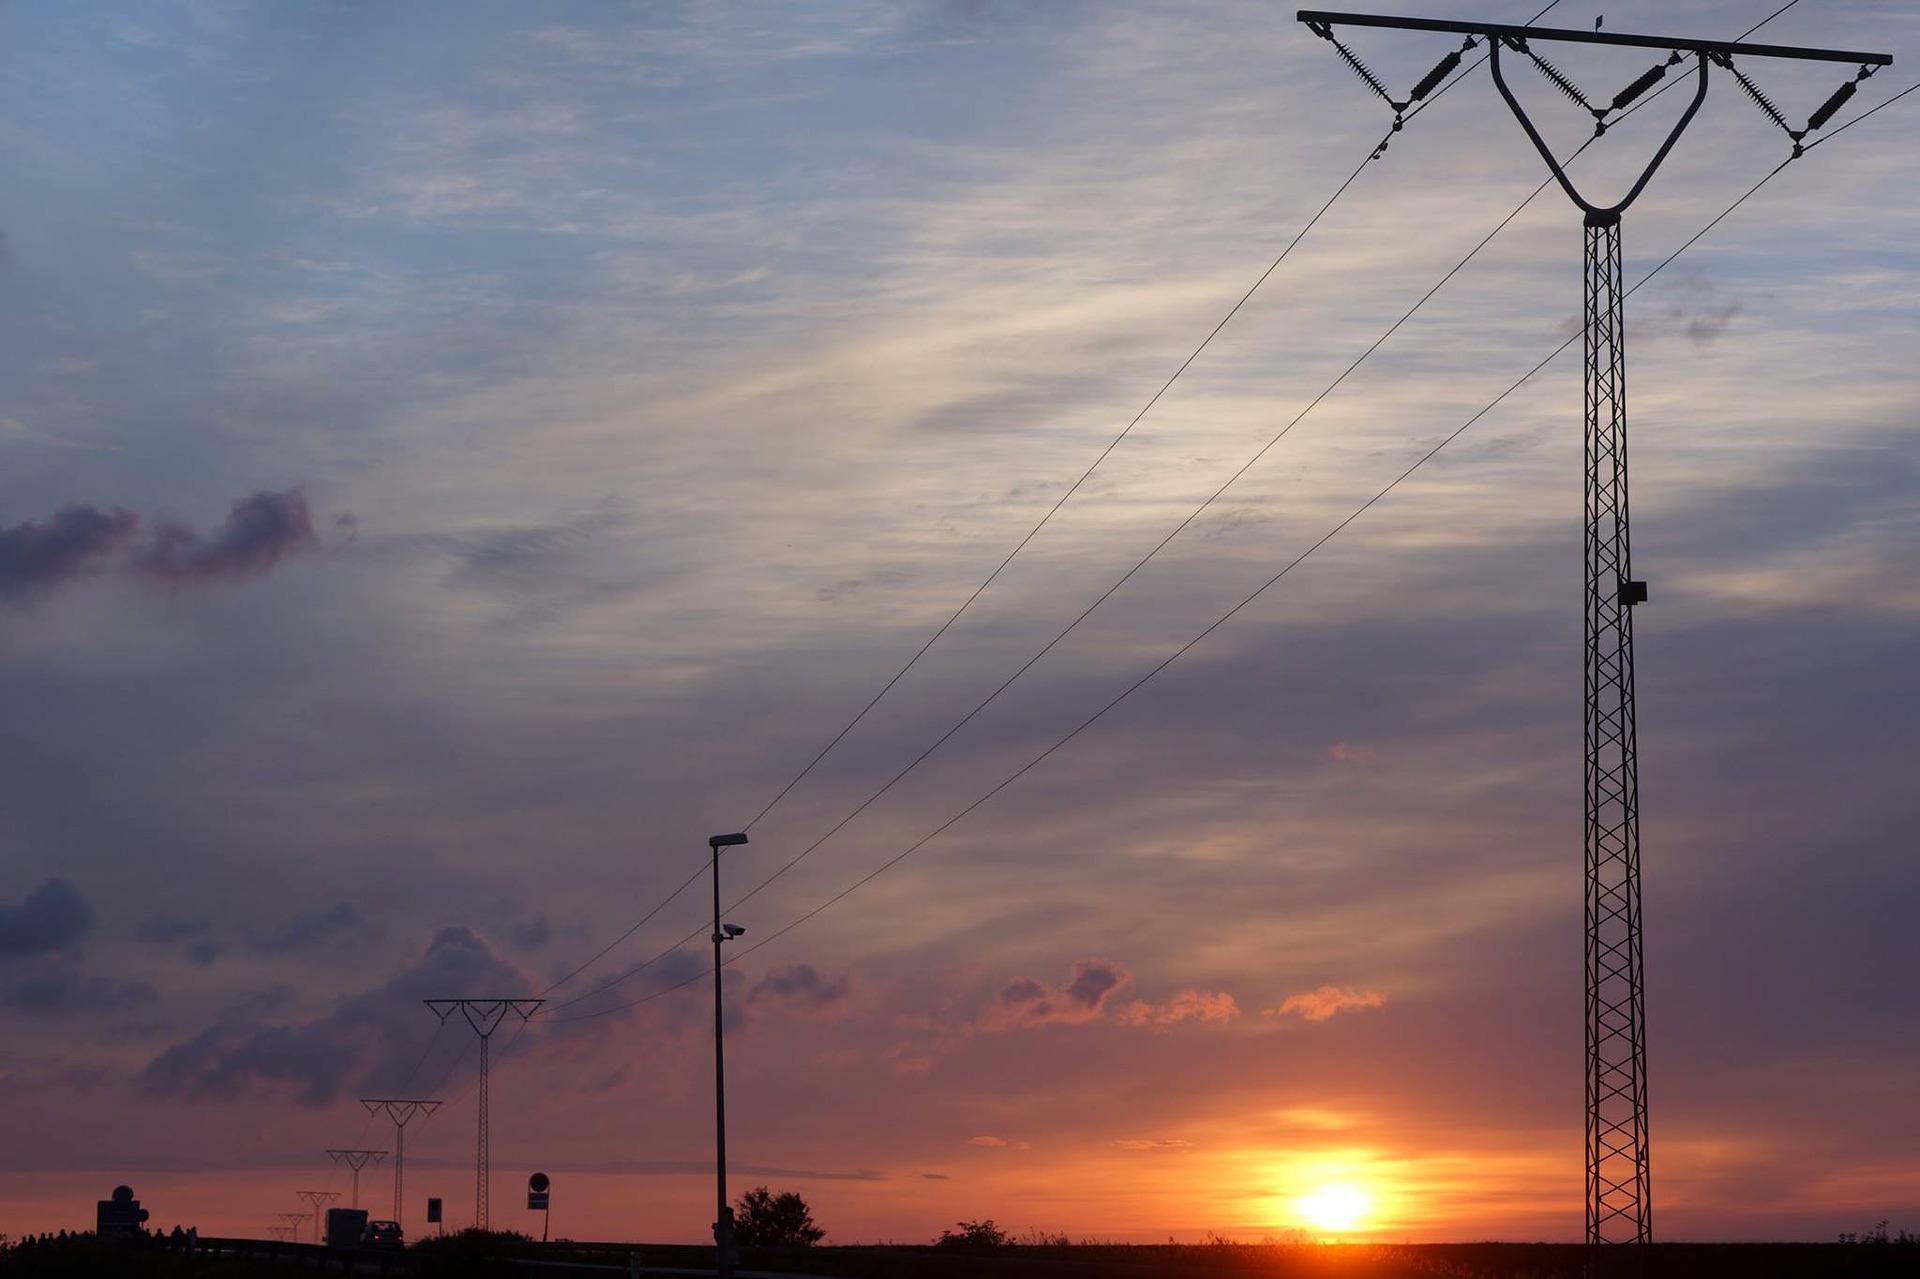 Διακοπή ρεύματος: Δείτε που δεν θα έχουν σήμερα ρεύμα